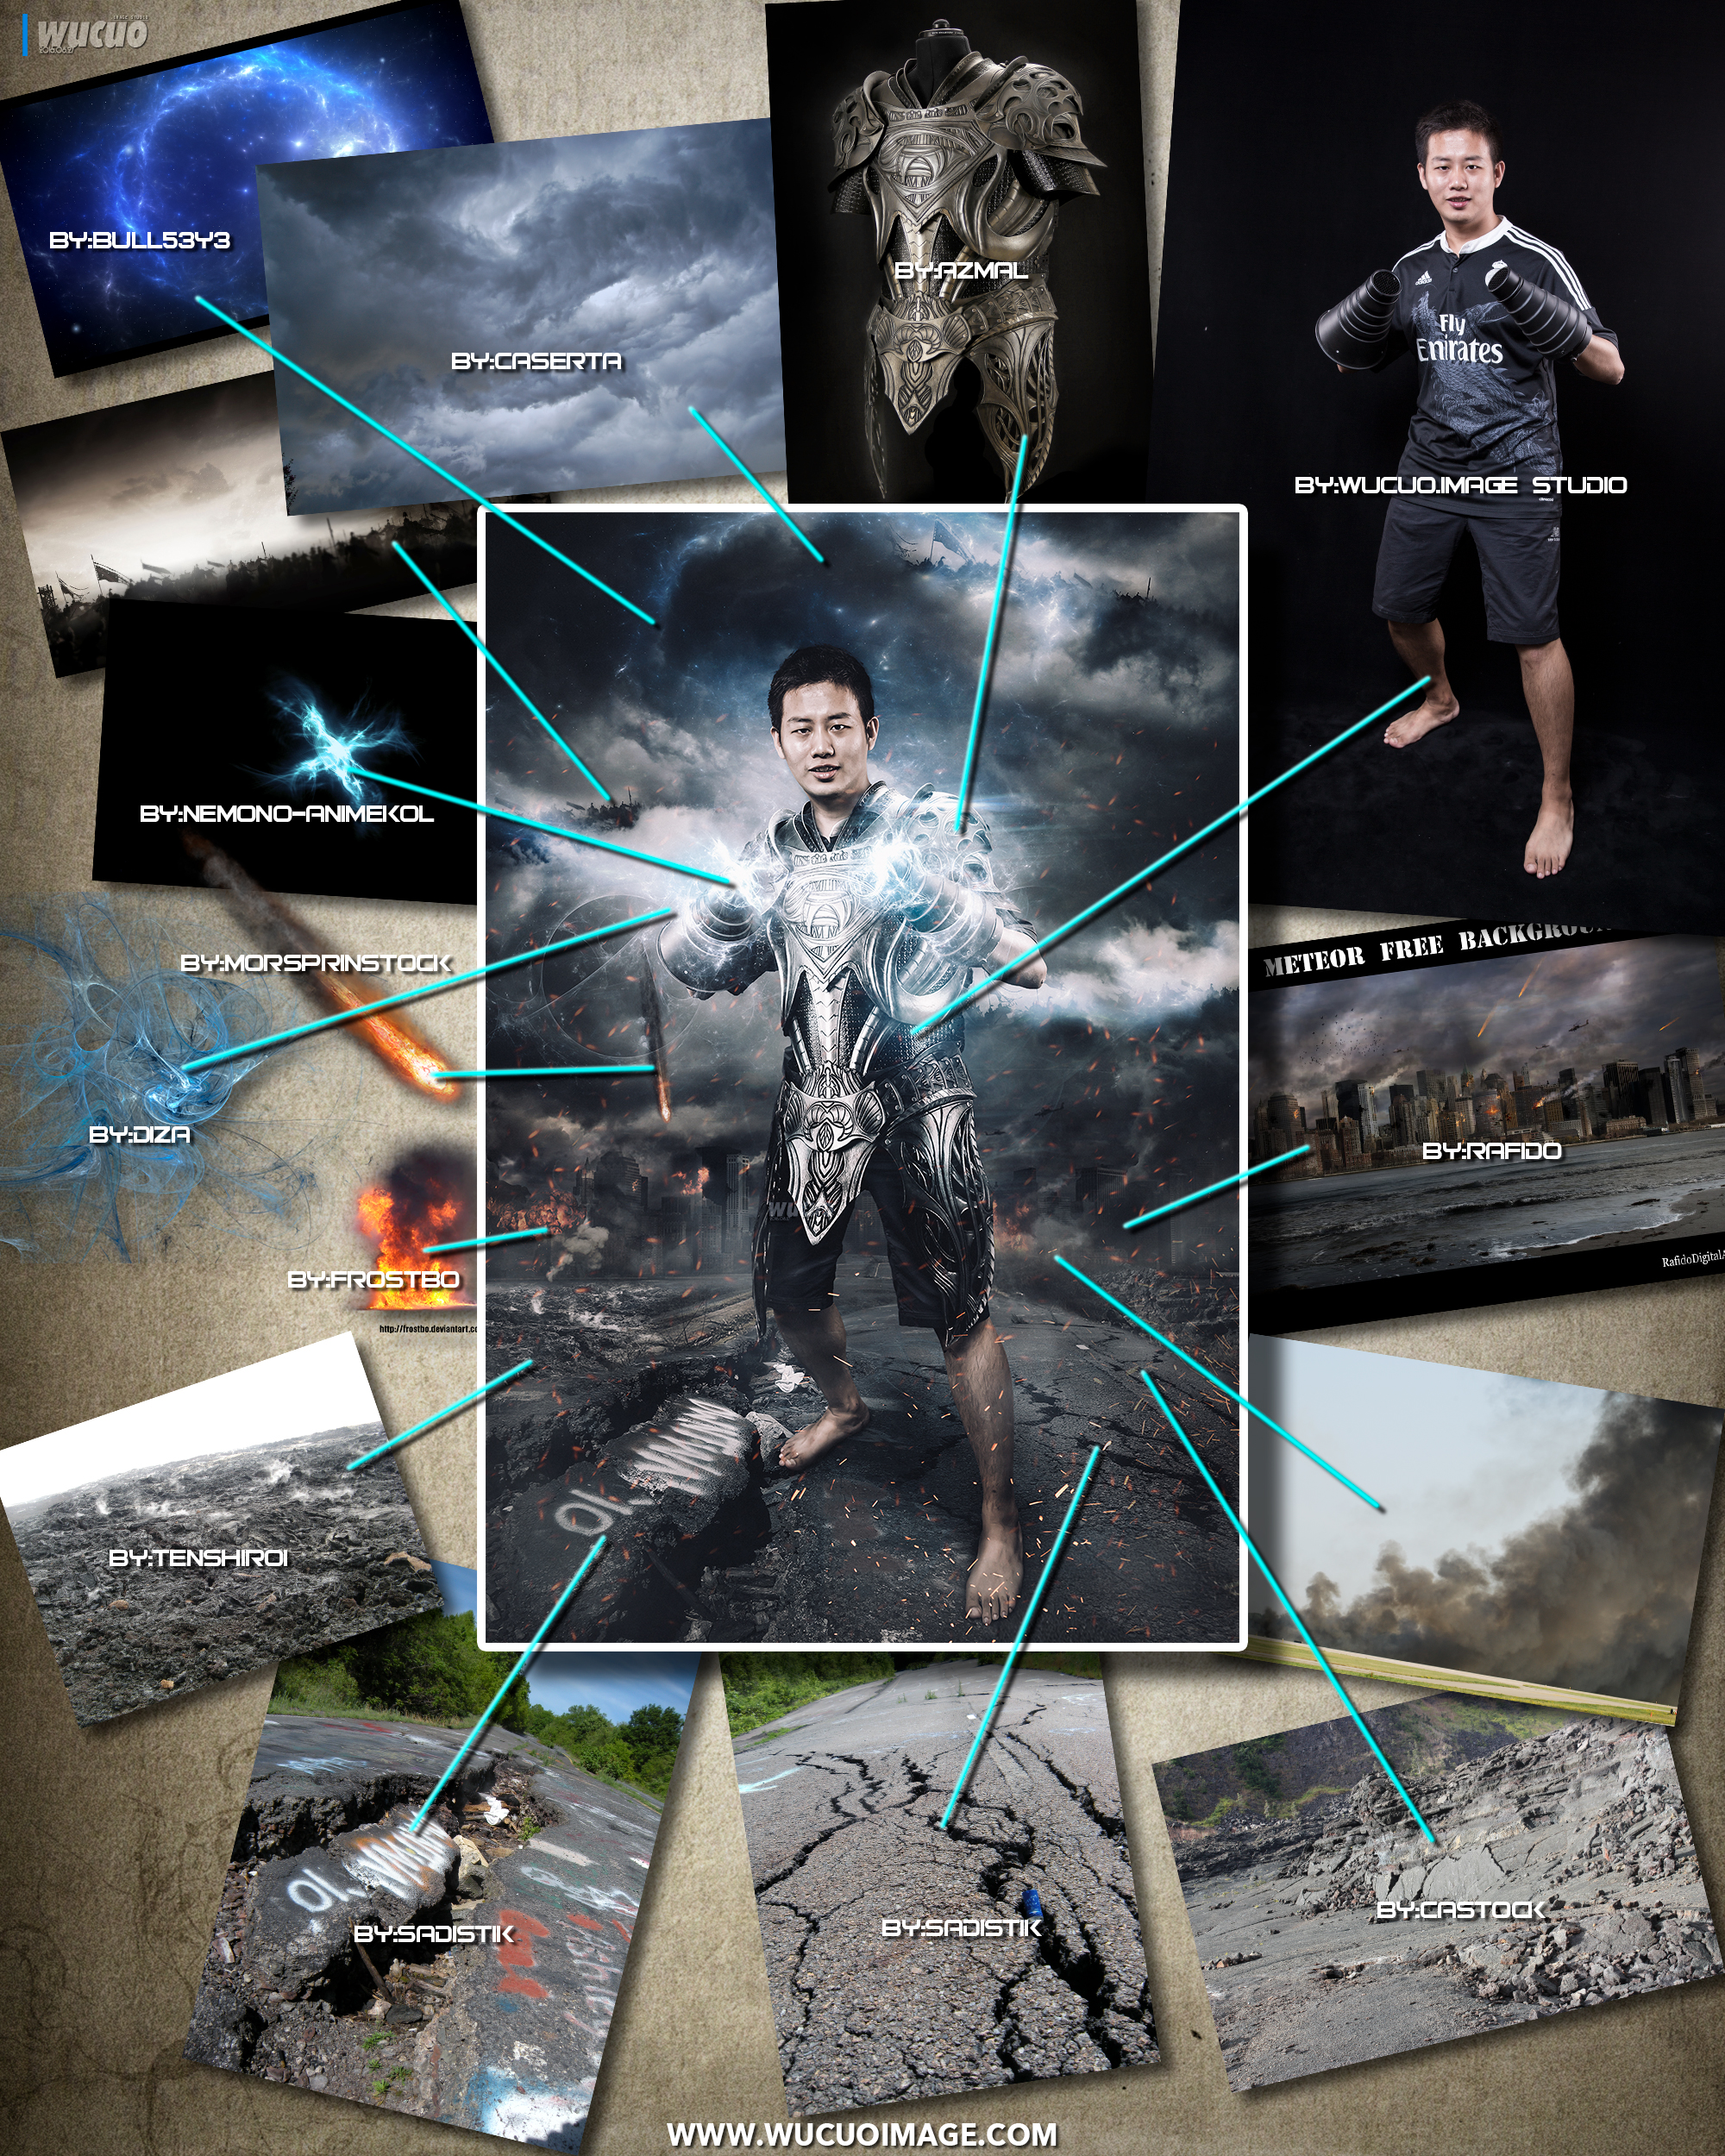 [照片合成] 创意合成海报- 战·时空图片